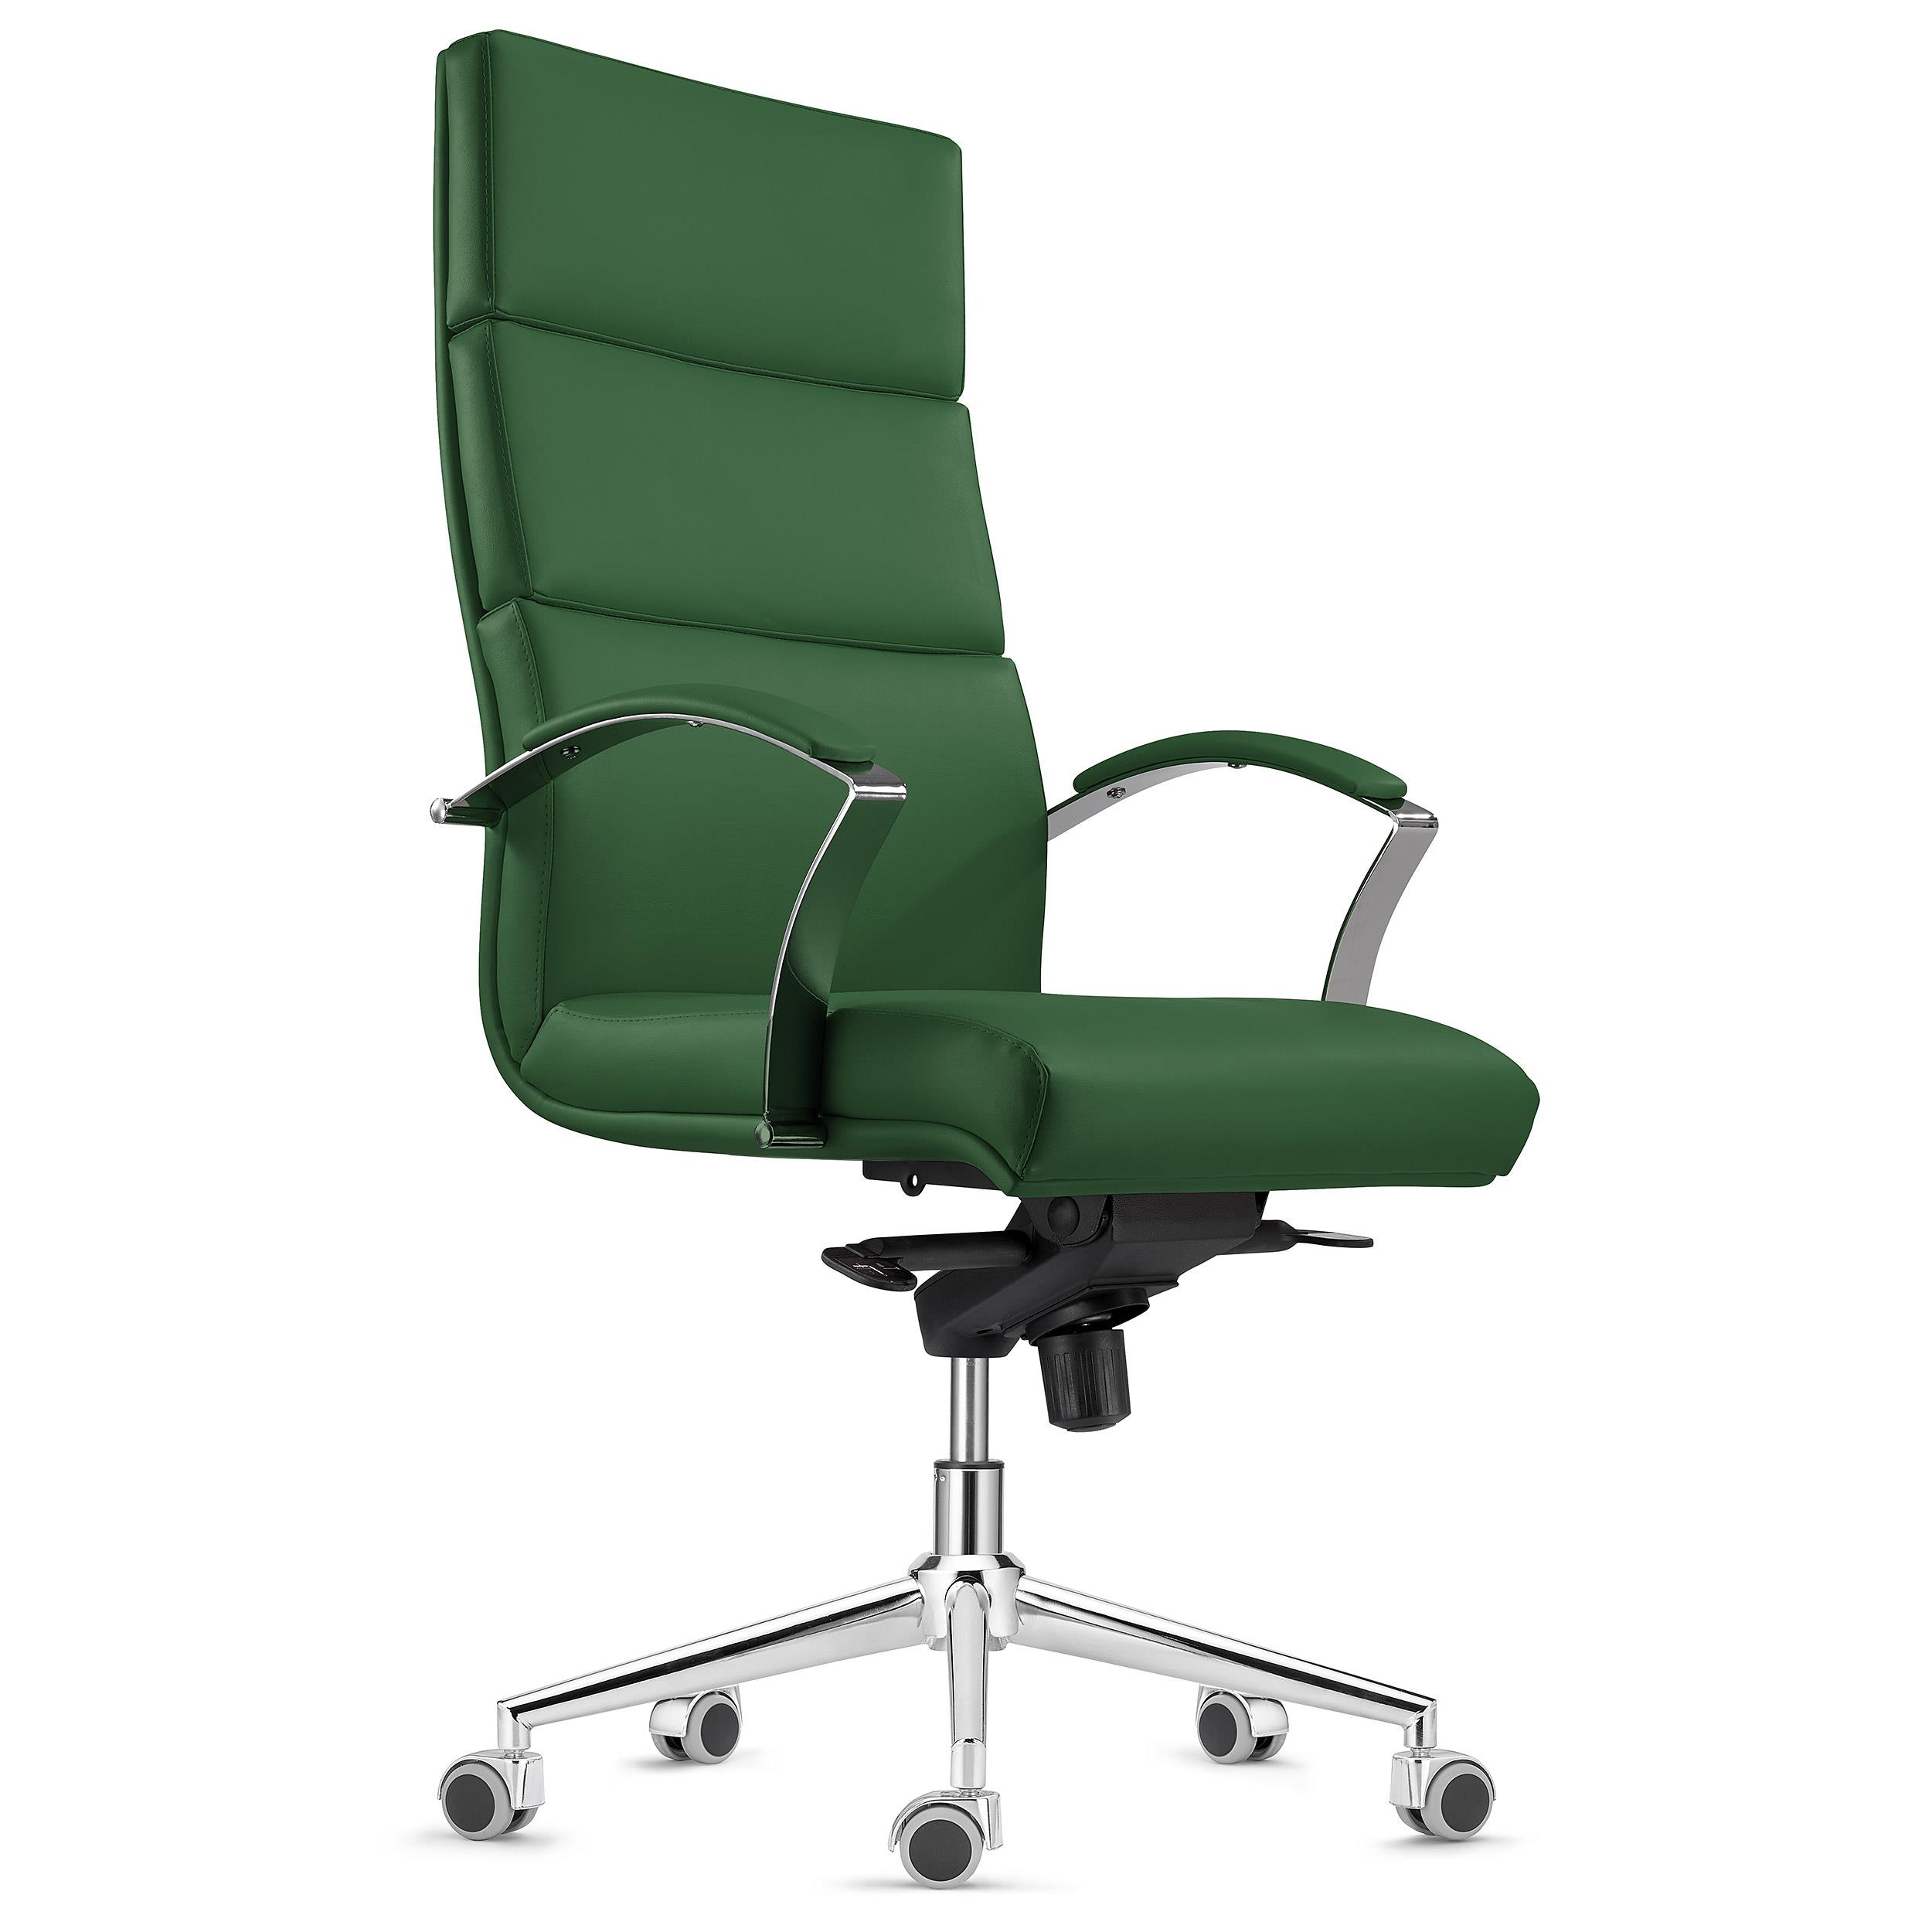 Poltrona per Ufficio RABAT, in Pelle Verde, Design e Alta ...